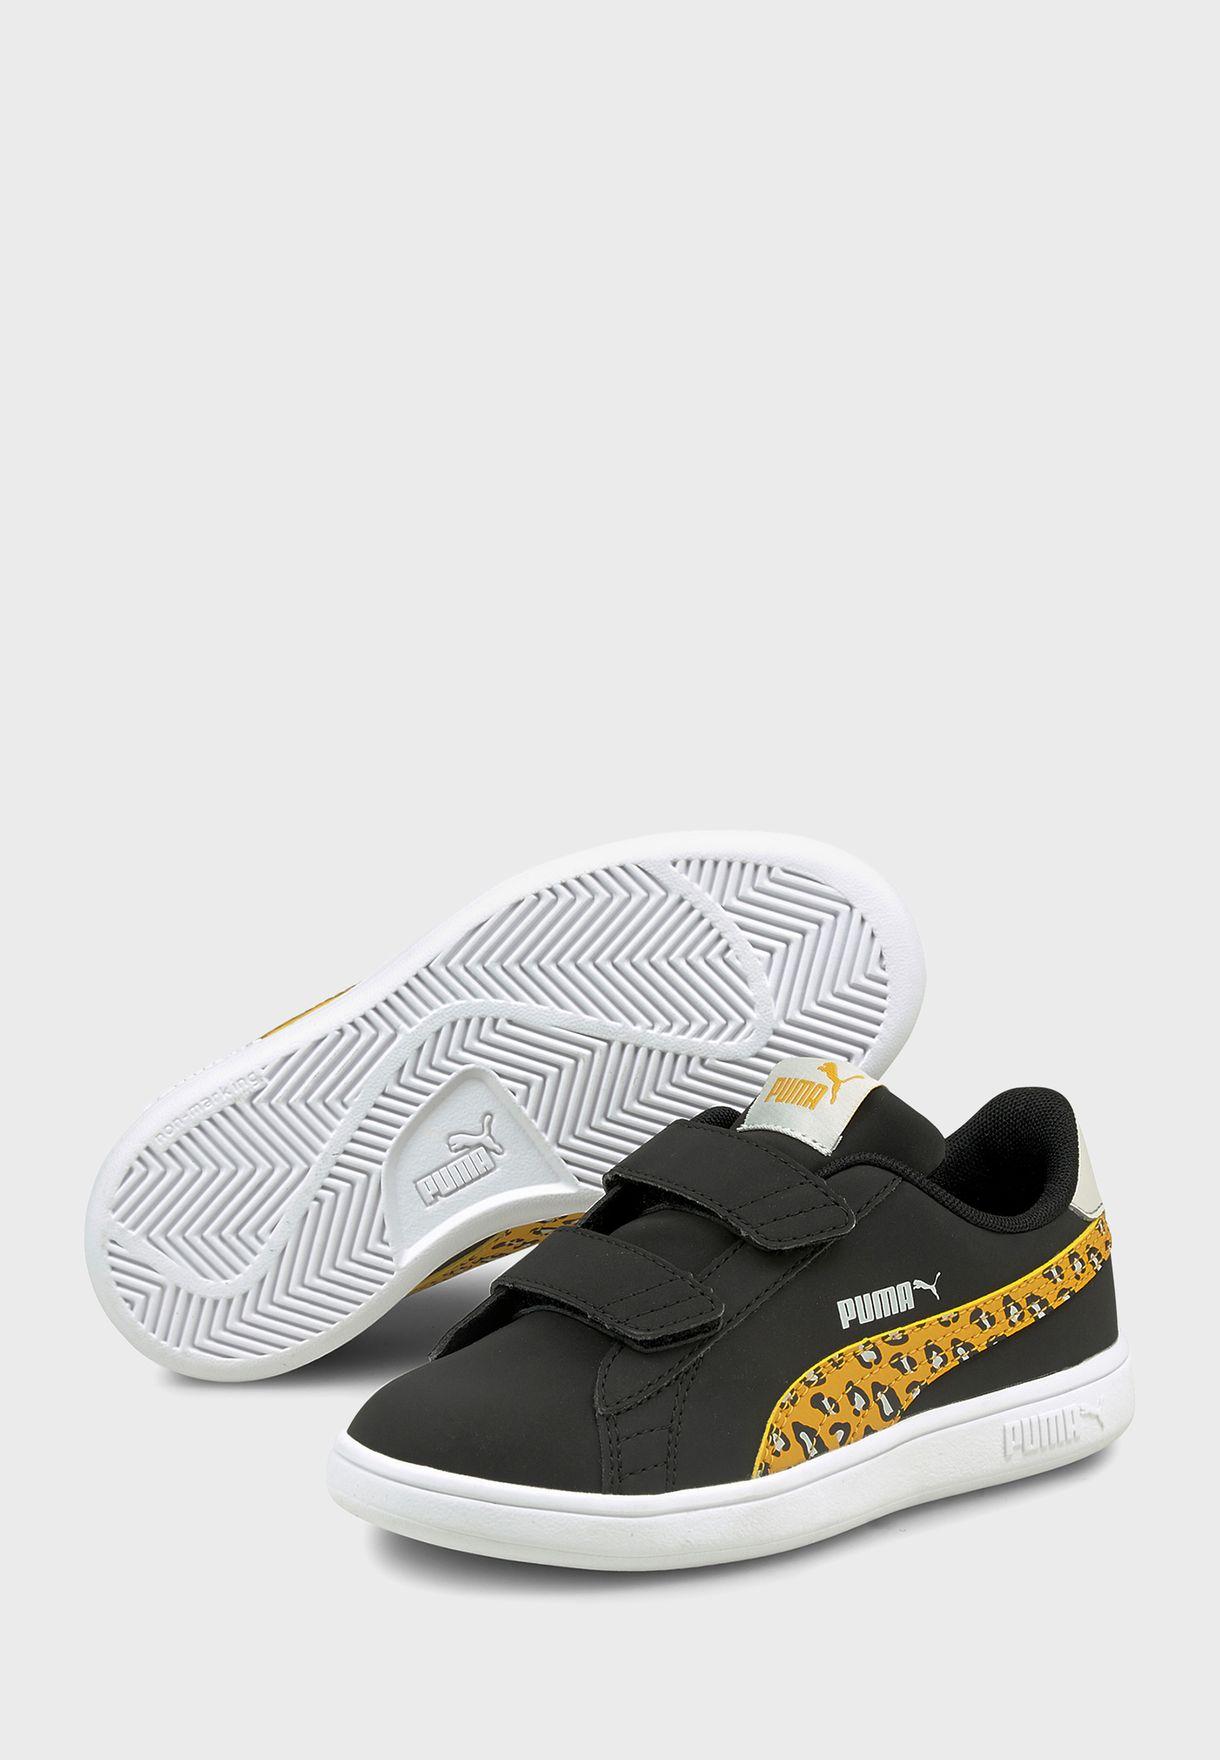 حذاء سماس في 2 رور في للاطفال